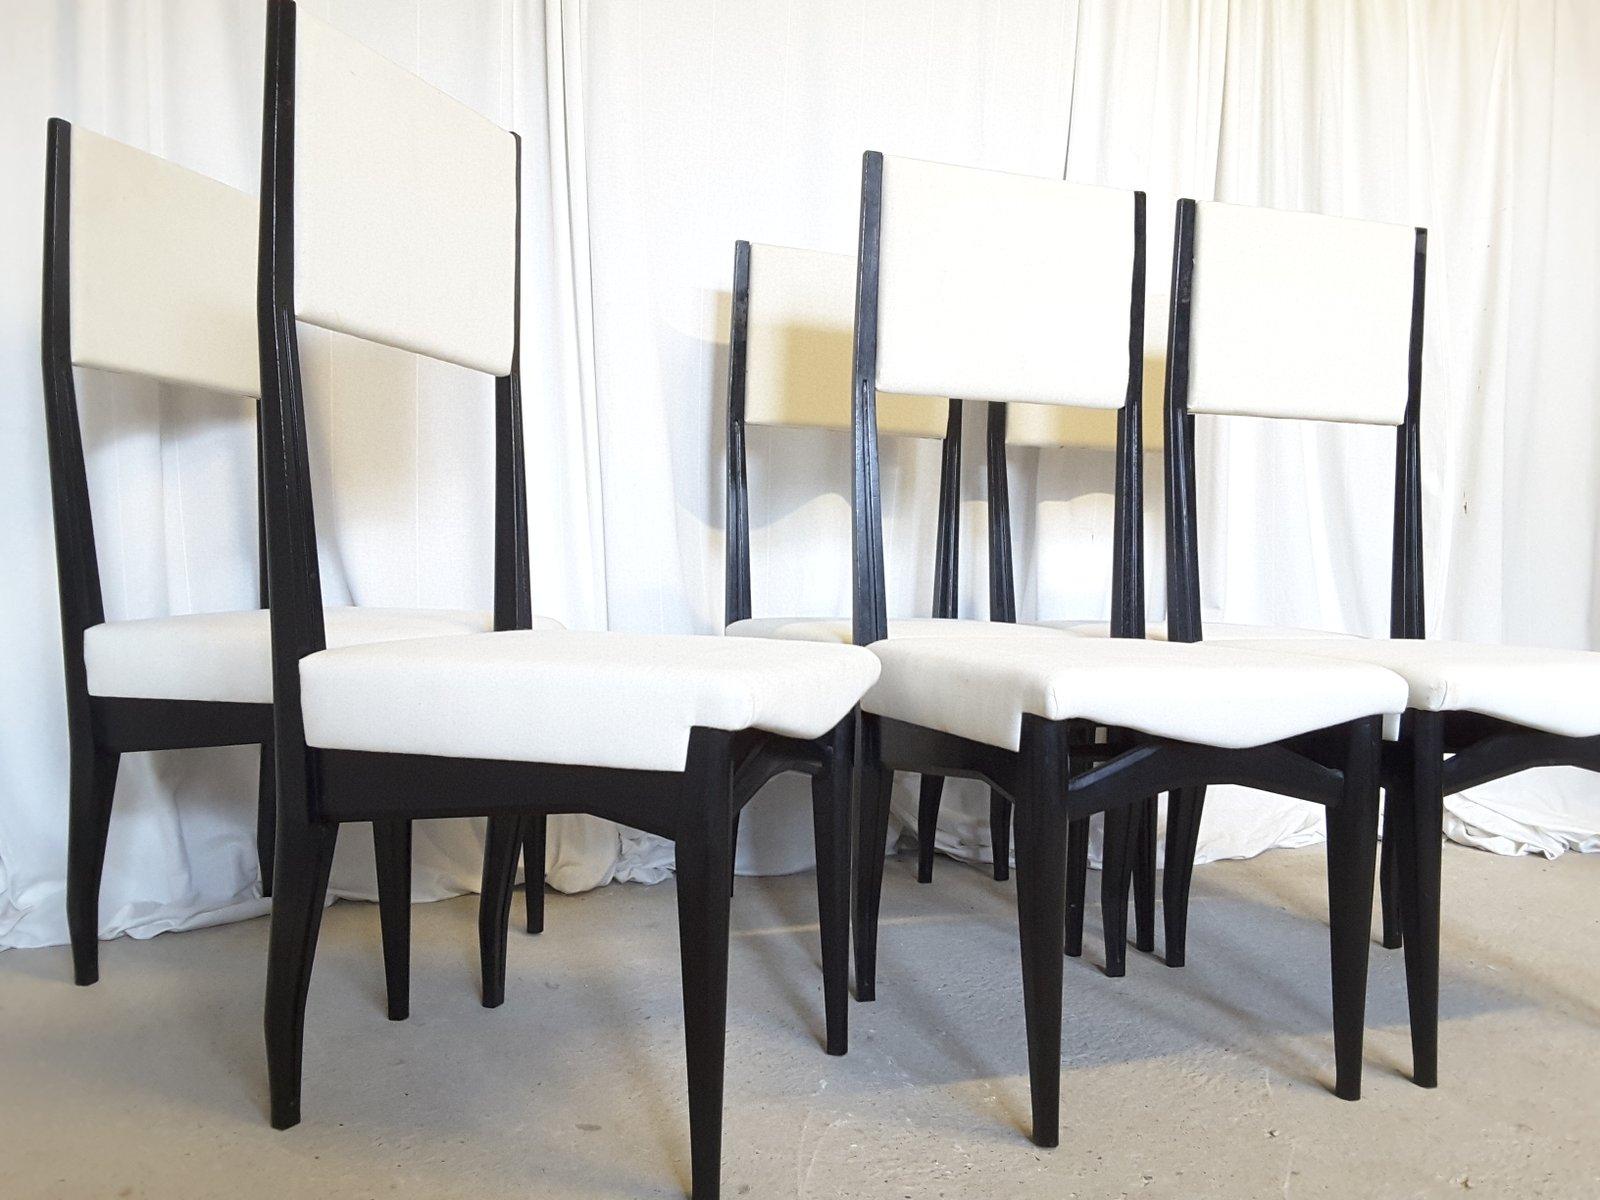 italienische esszimmerst hle mit hoher r ckenlehne 1950er 6er set bei pamono kaufen. Black Bedroom Furniture Sets. Home Design Ideas